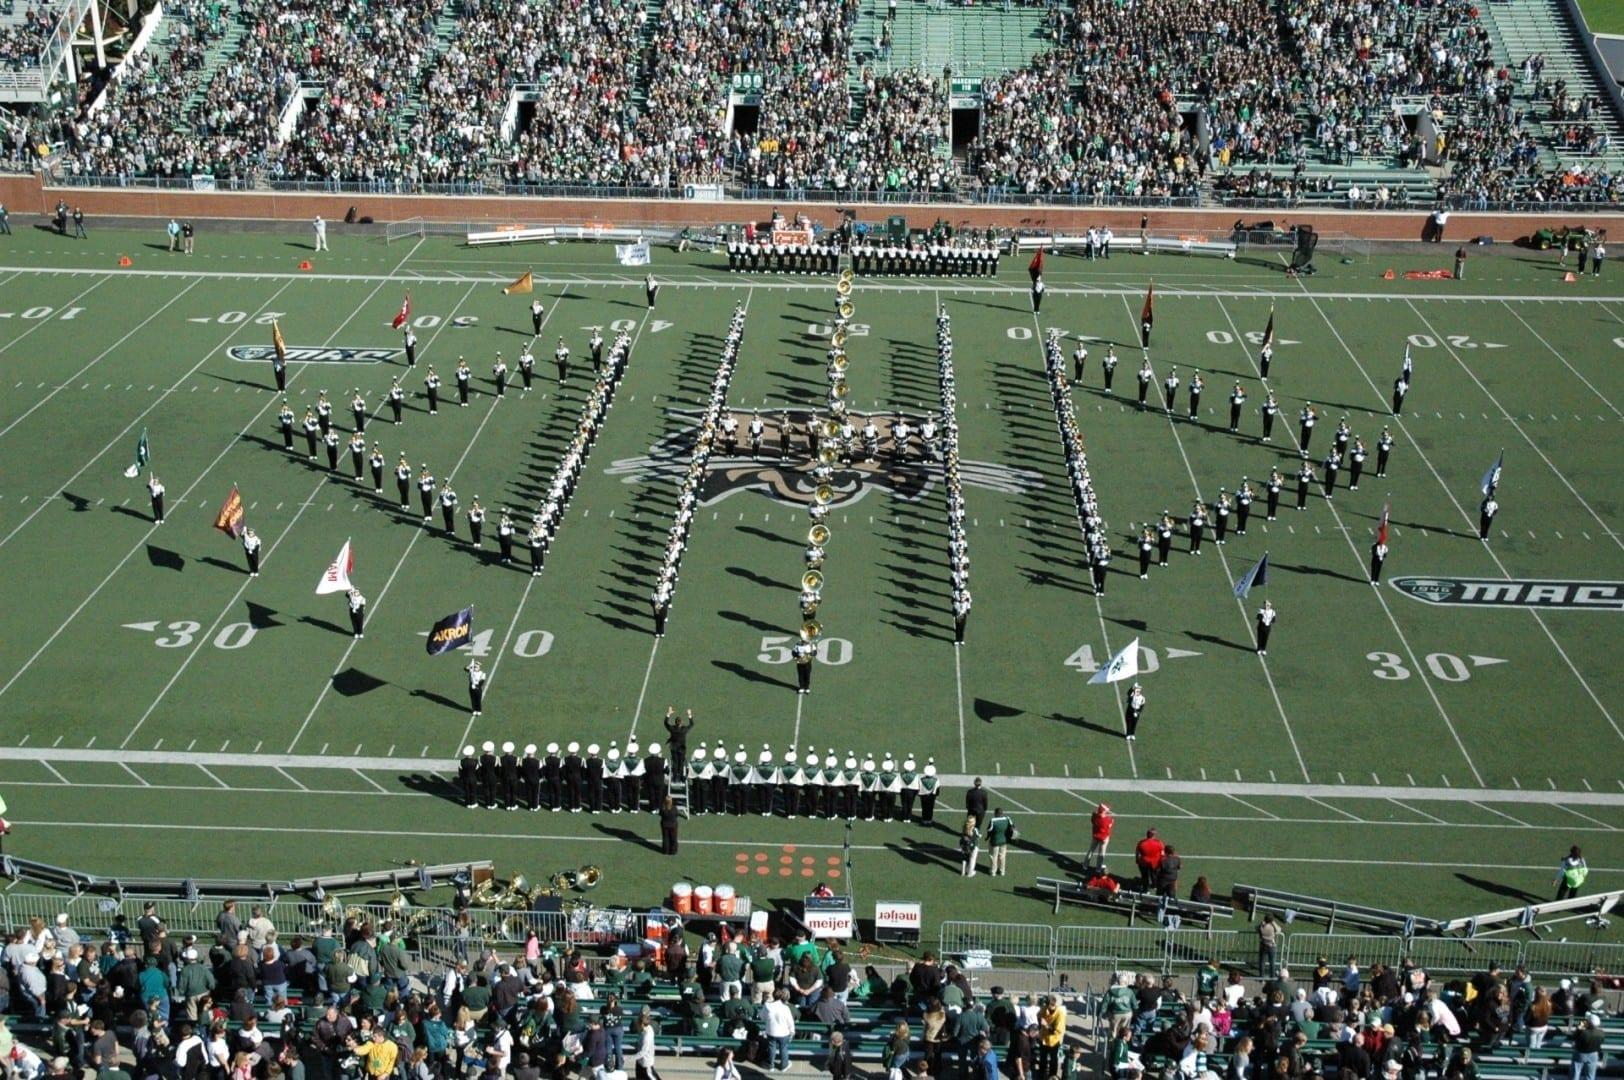 La banda de marcha de la Universidad de Ohio Athens OH Estados Unidos